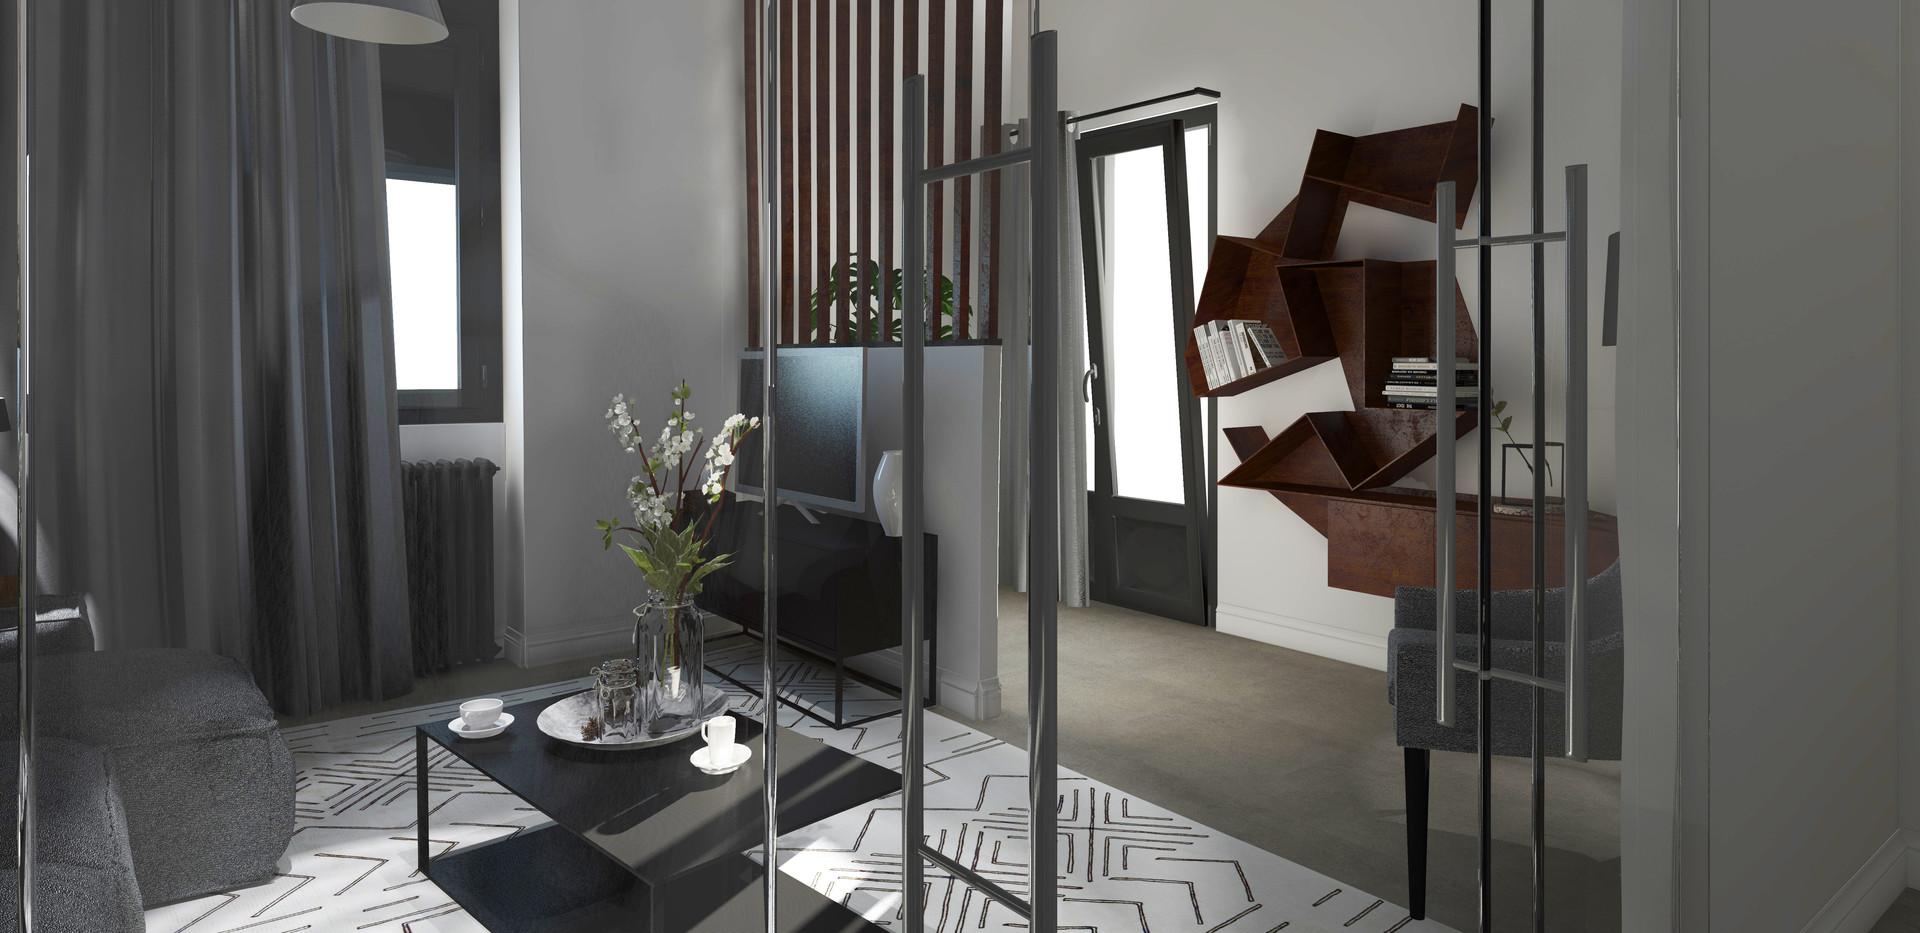 PETIT SALON #architecturedinterieur #dec